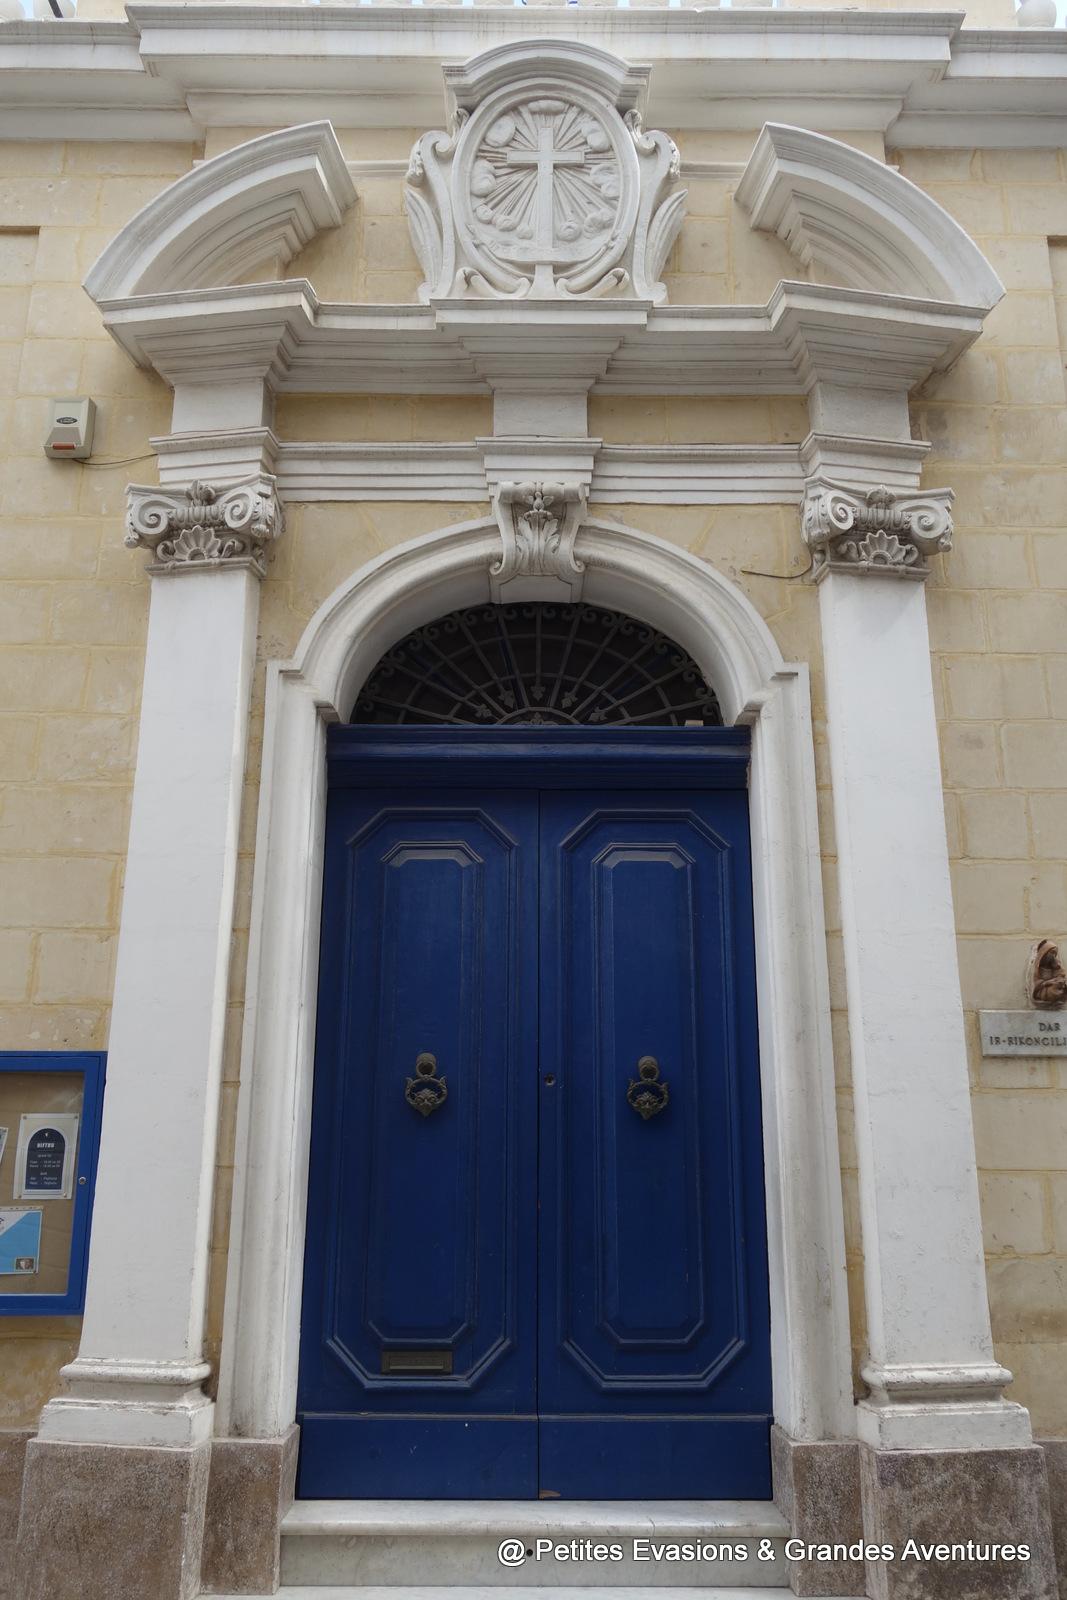 Porte bleue à Iż-Żejtun (Malte)